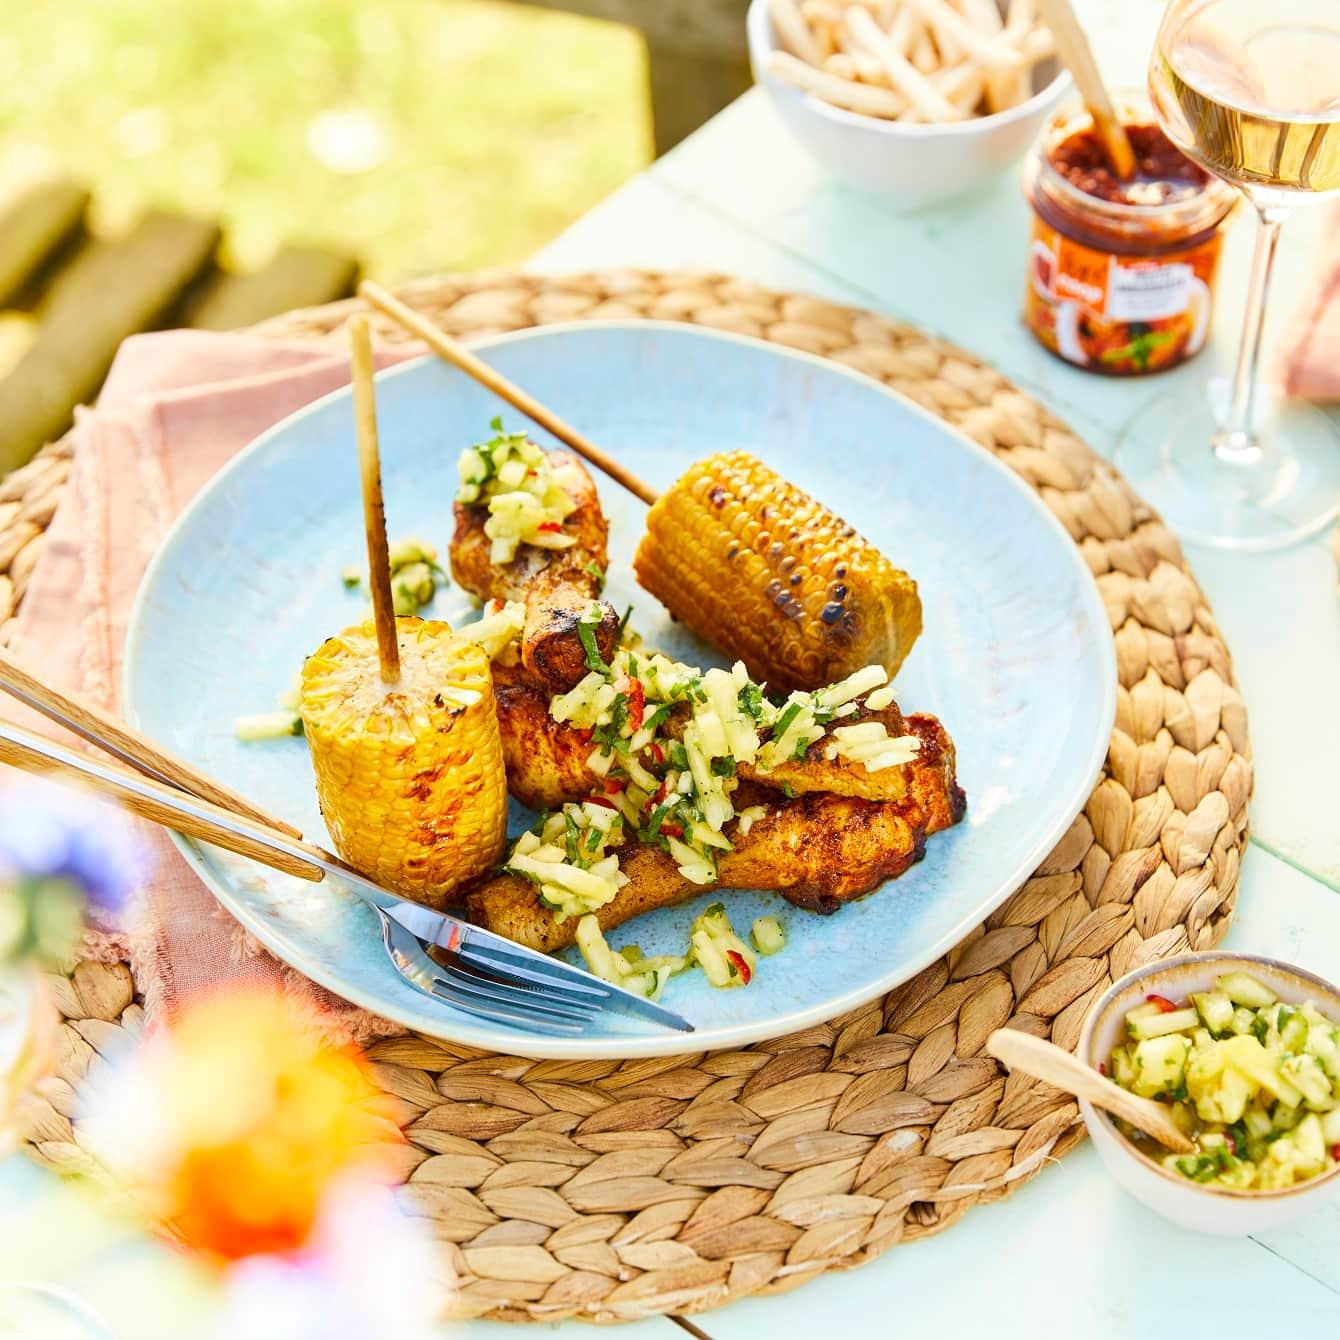 Drumsticks van de barbecue met een tropische ananassalsa en gegrilde maiskolven